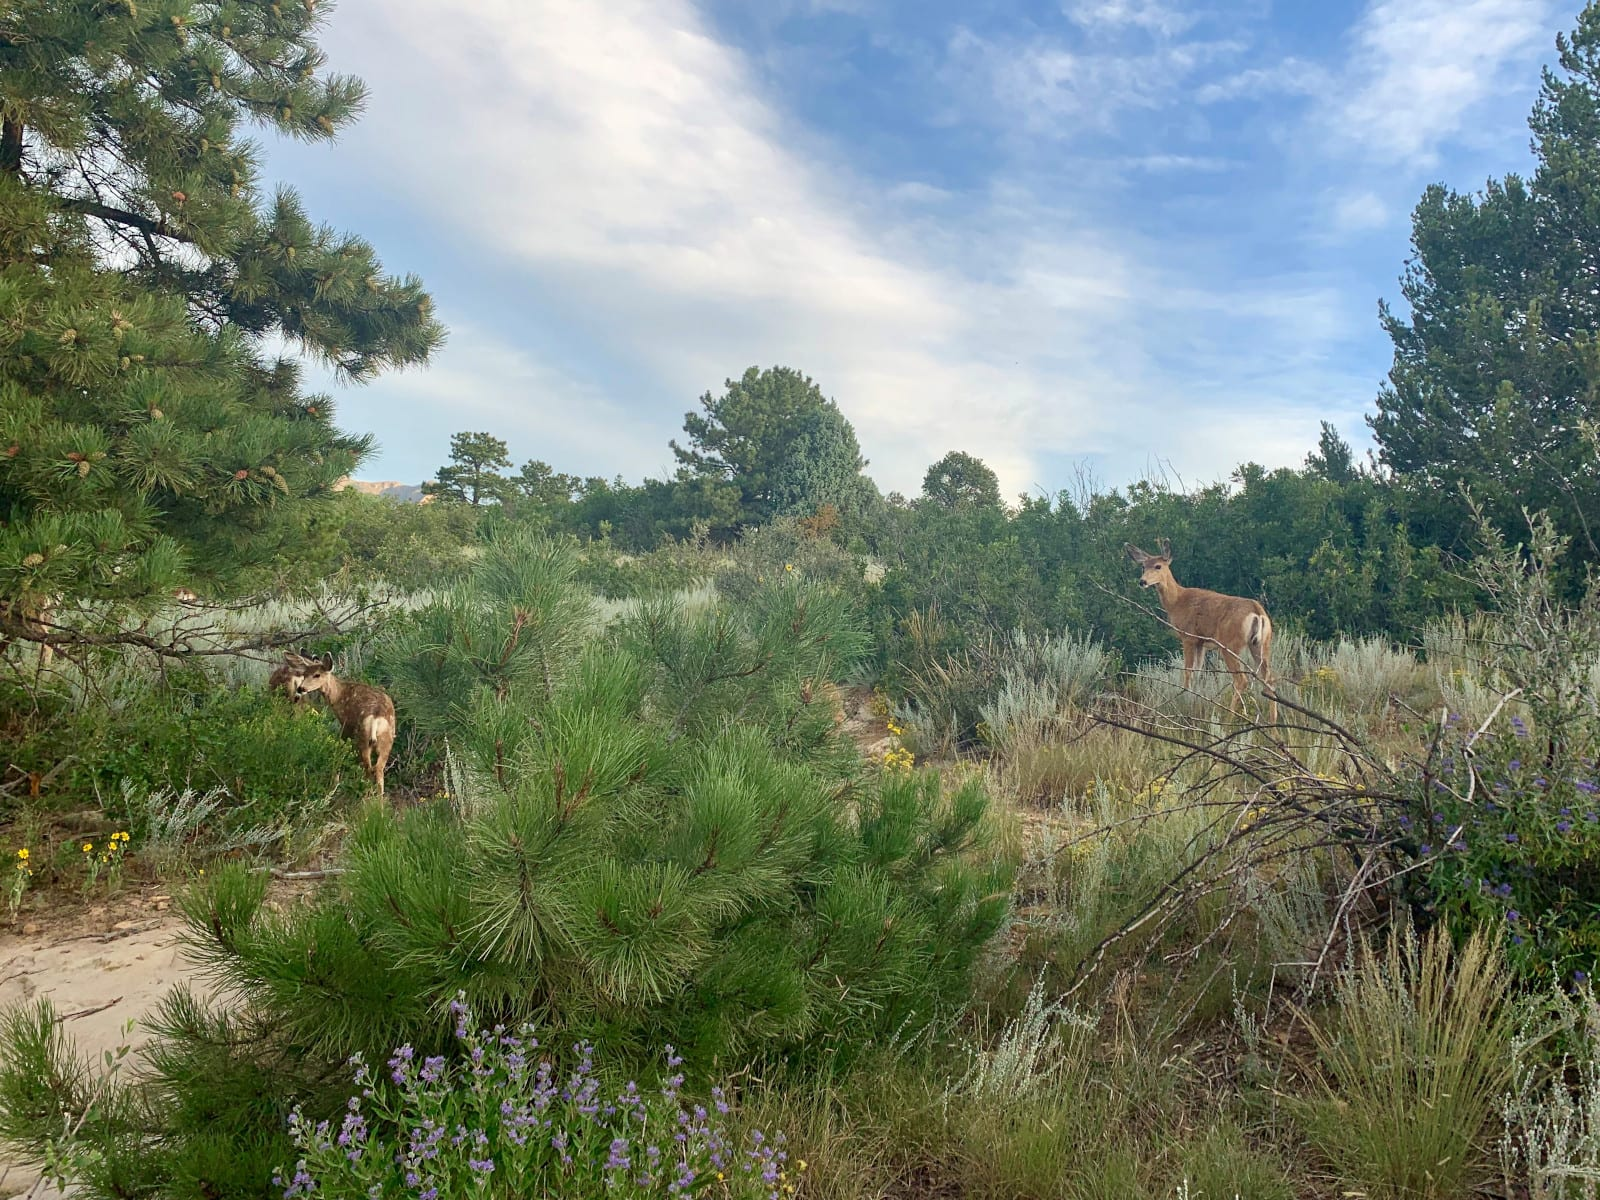 Ute Valley Park Deer Colorado Springs